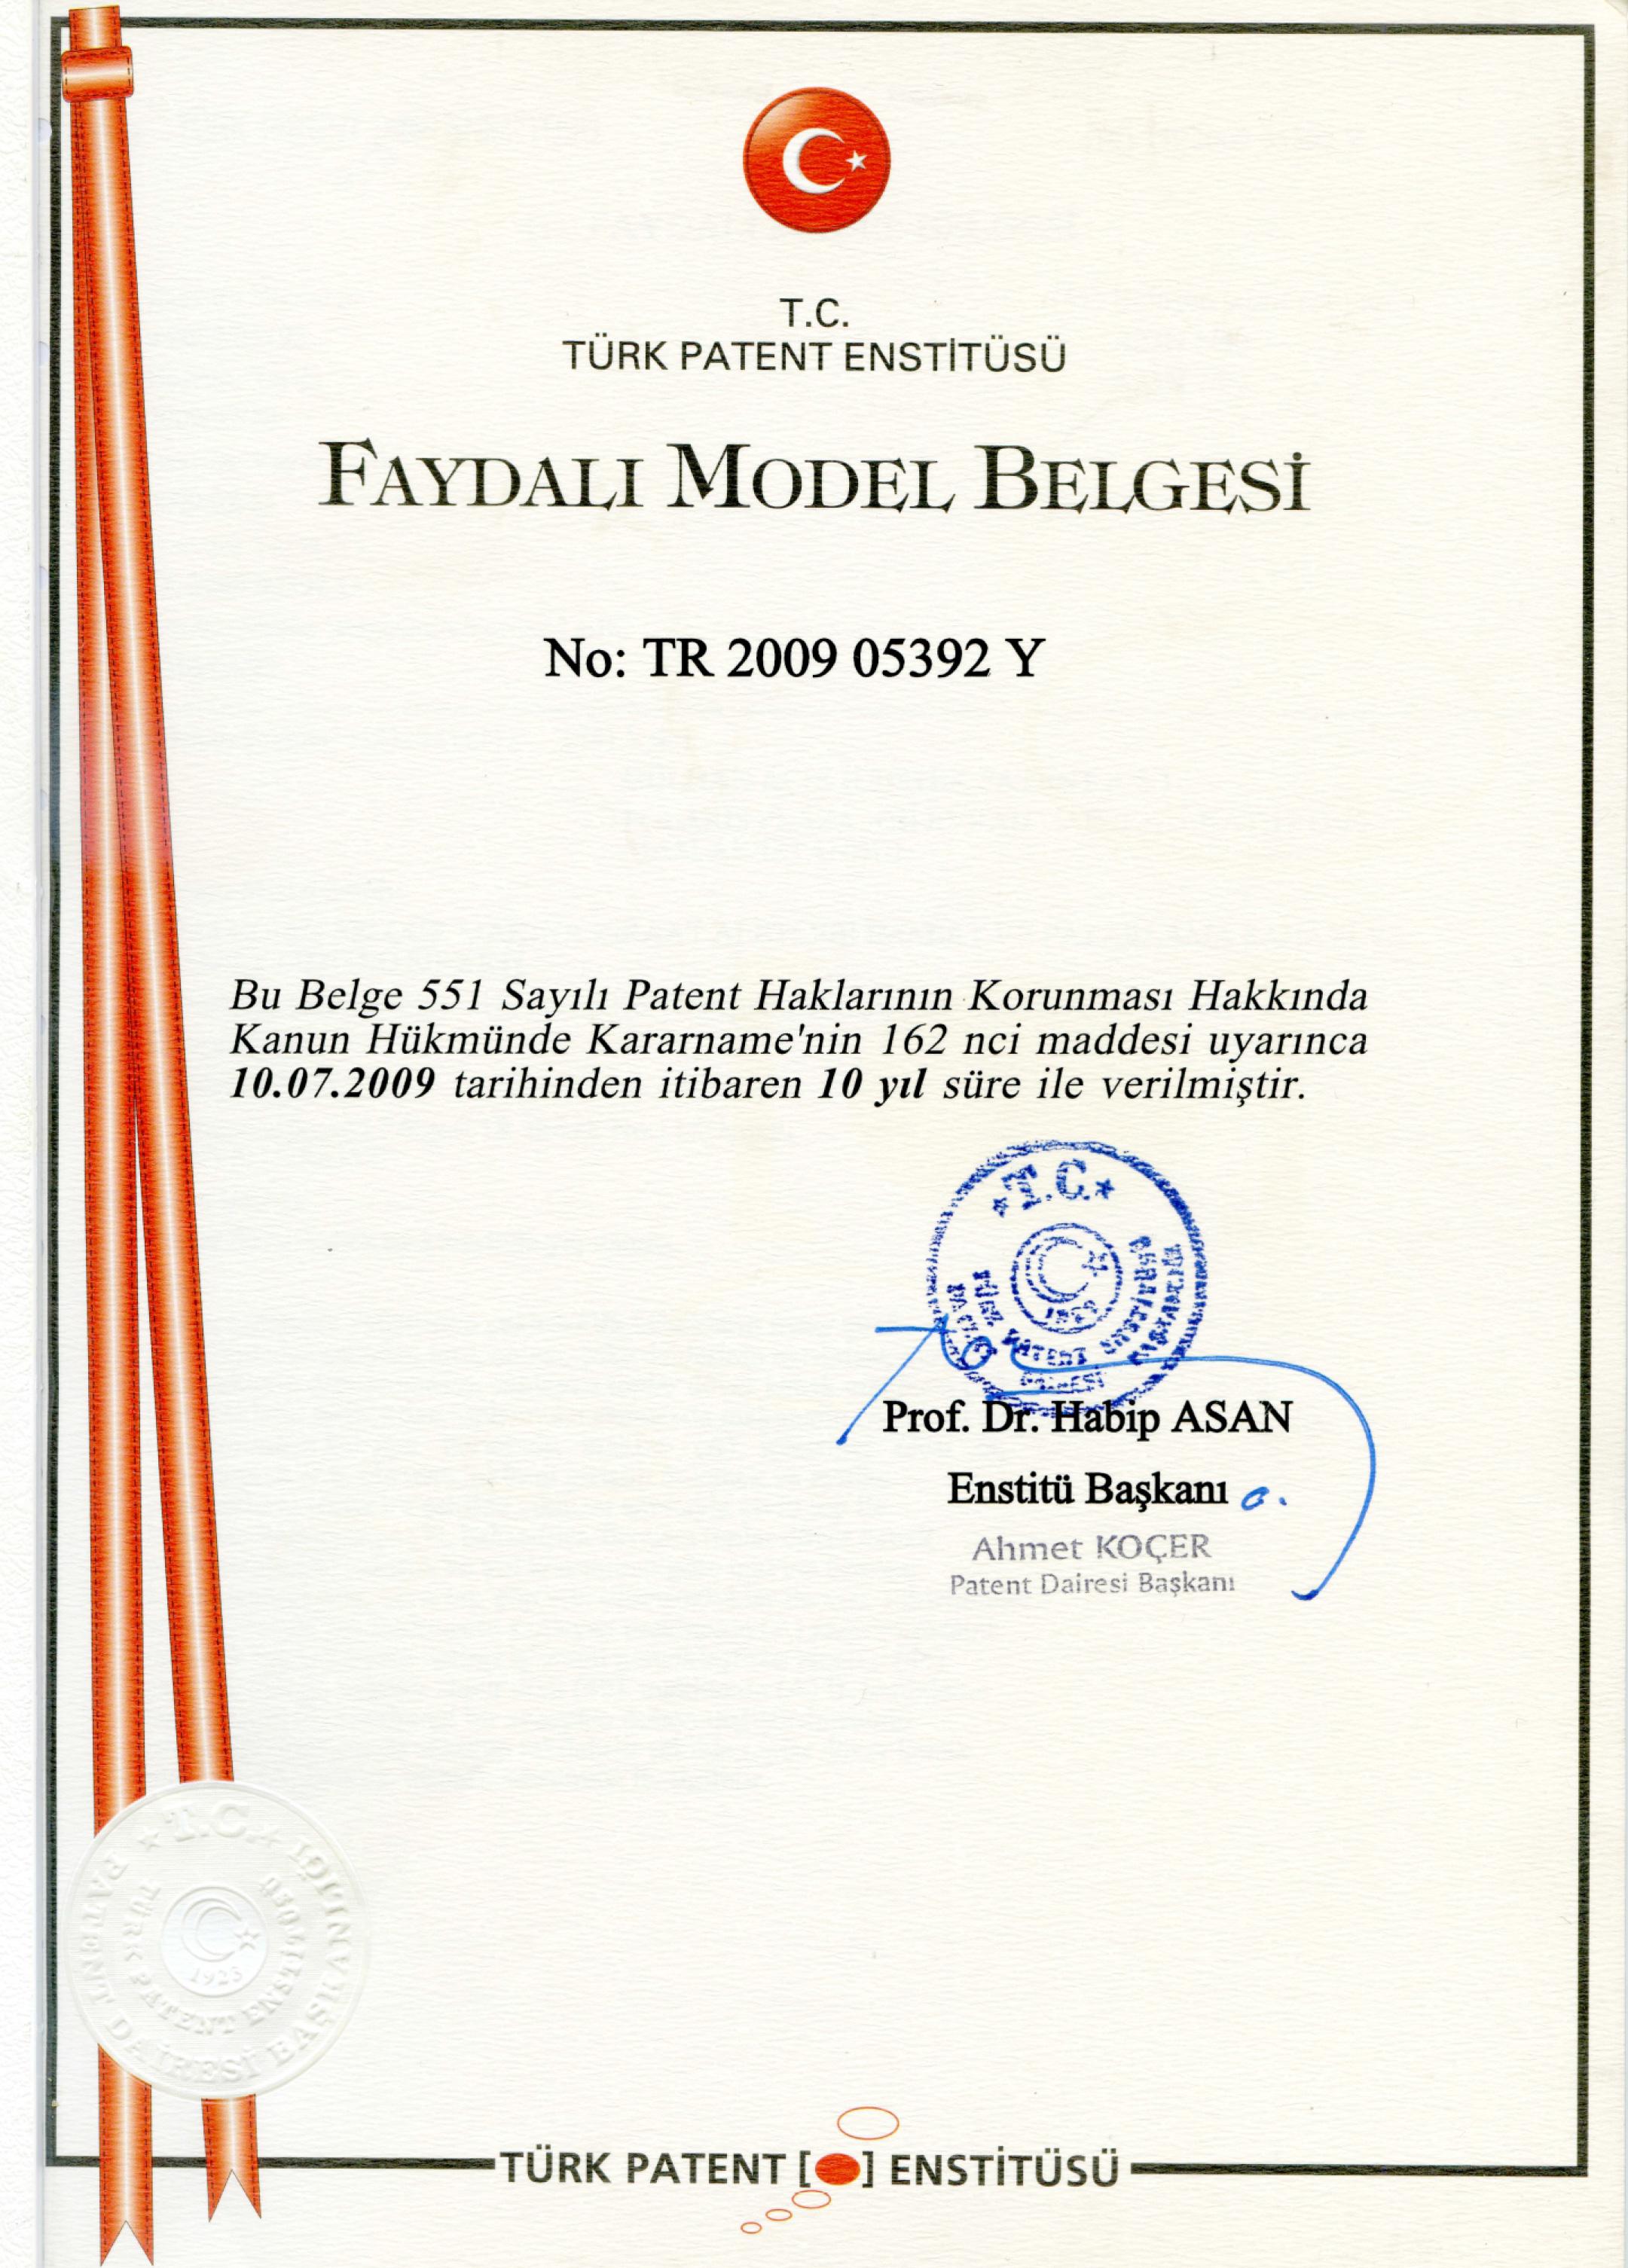 Faydalı Model Belgesi